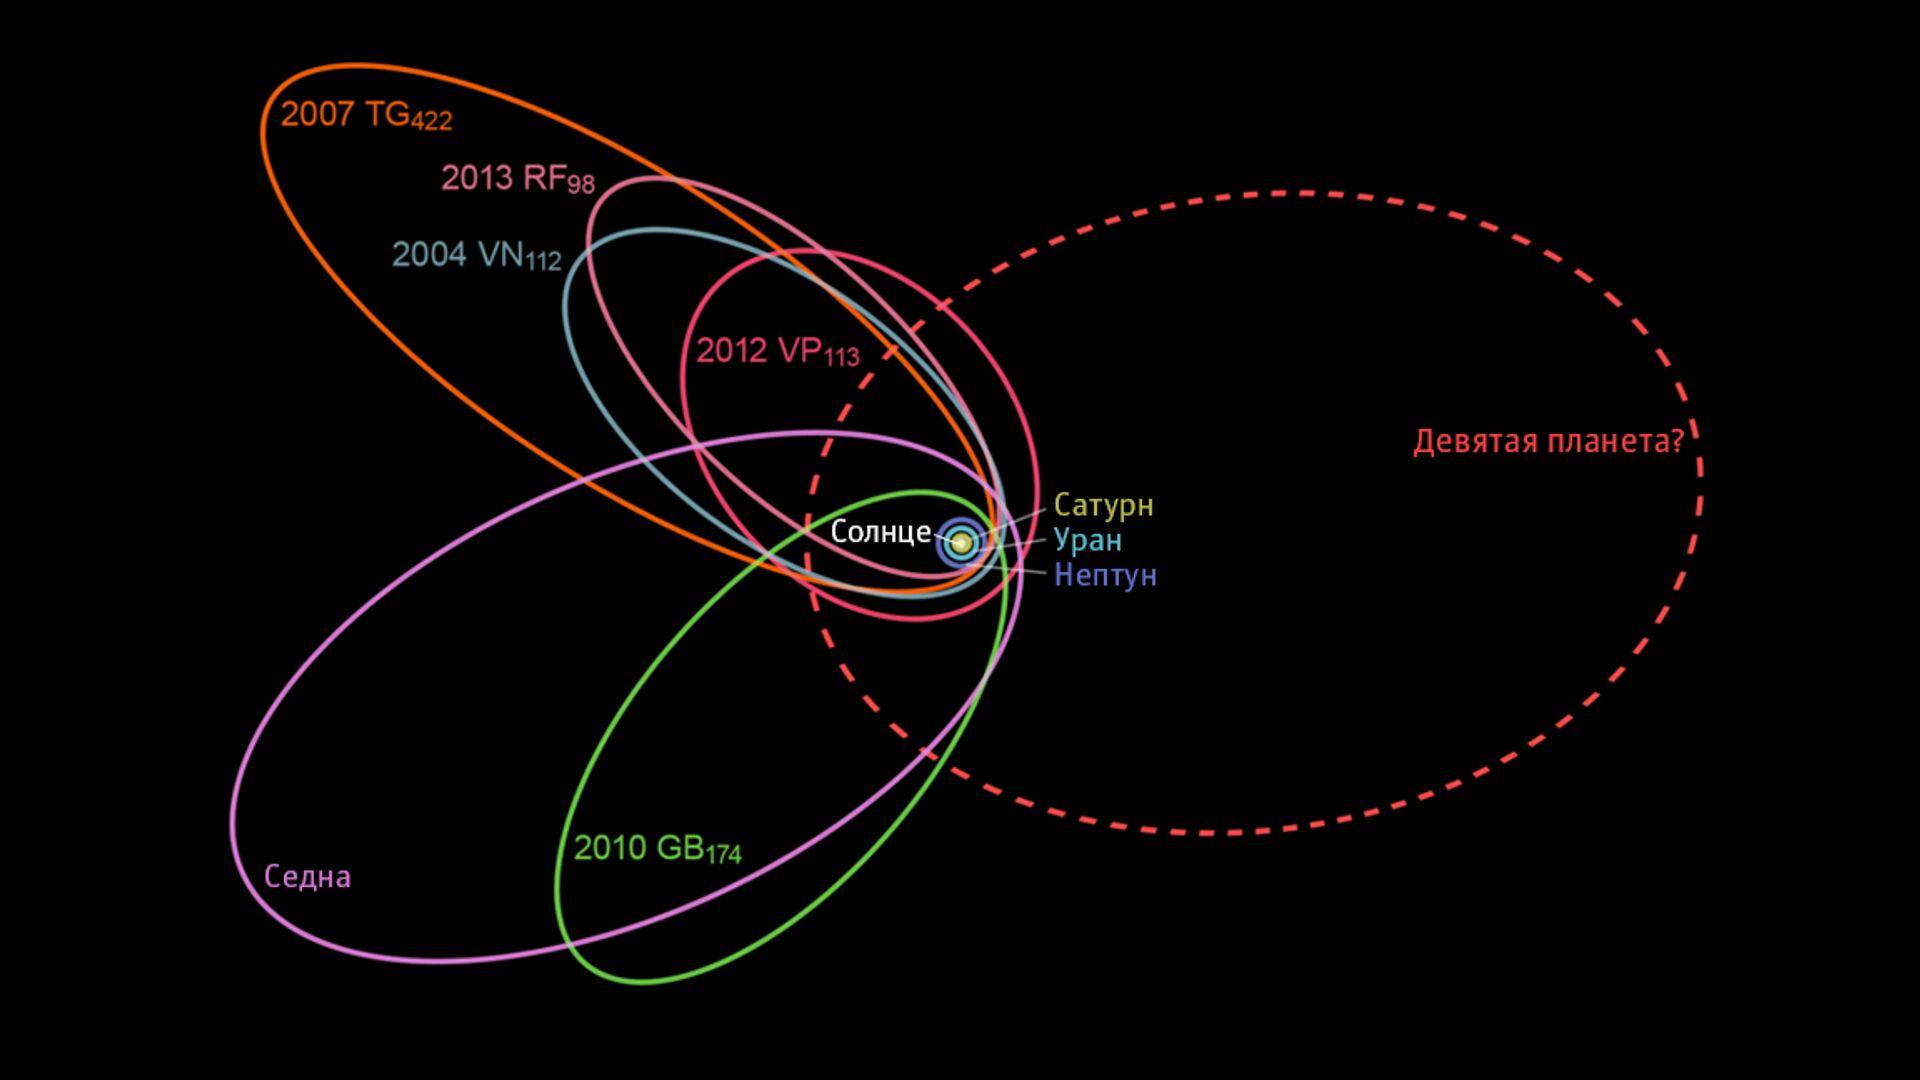 Астрономы нашли 17 кандидатов на роль Девятой планеты